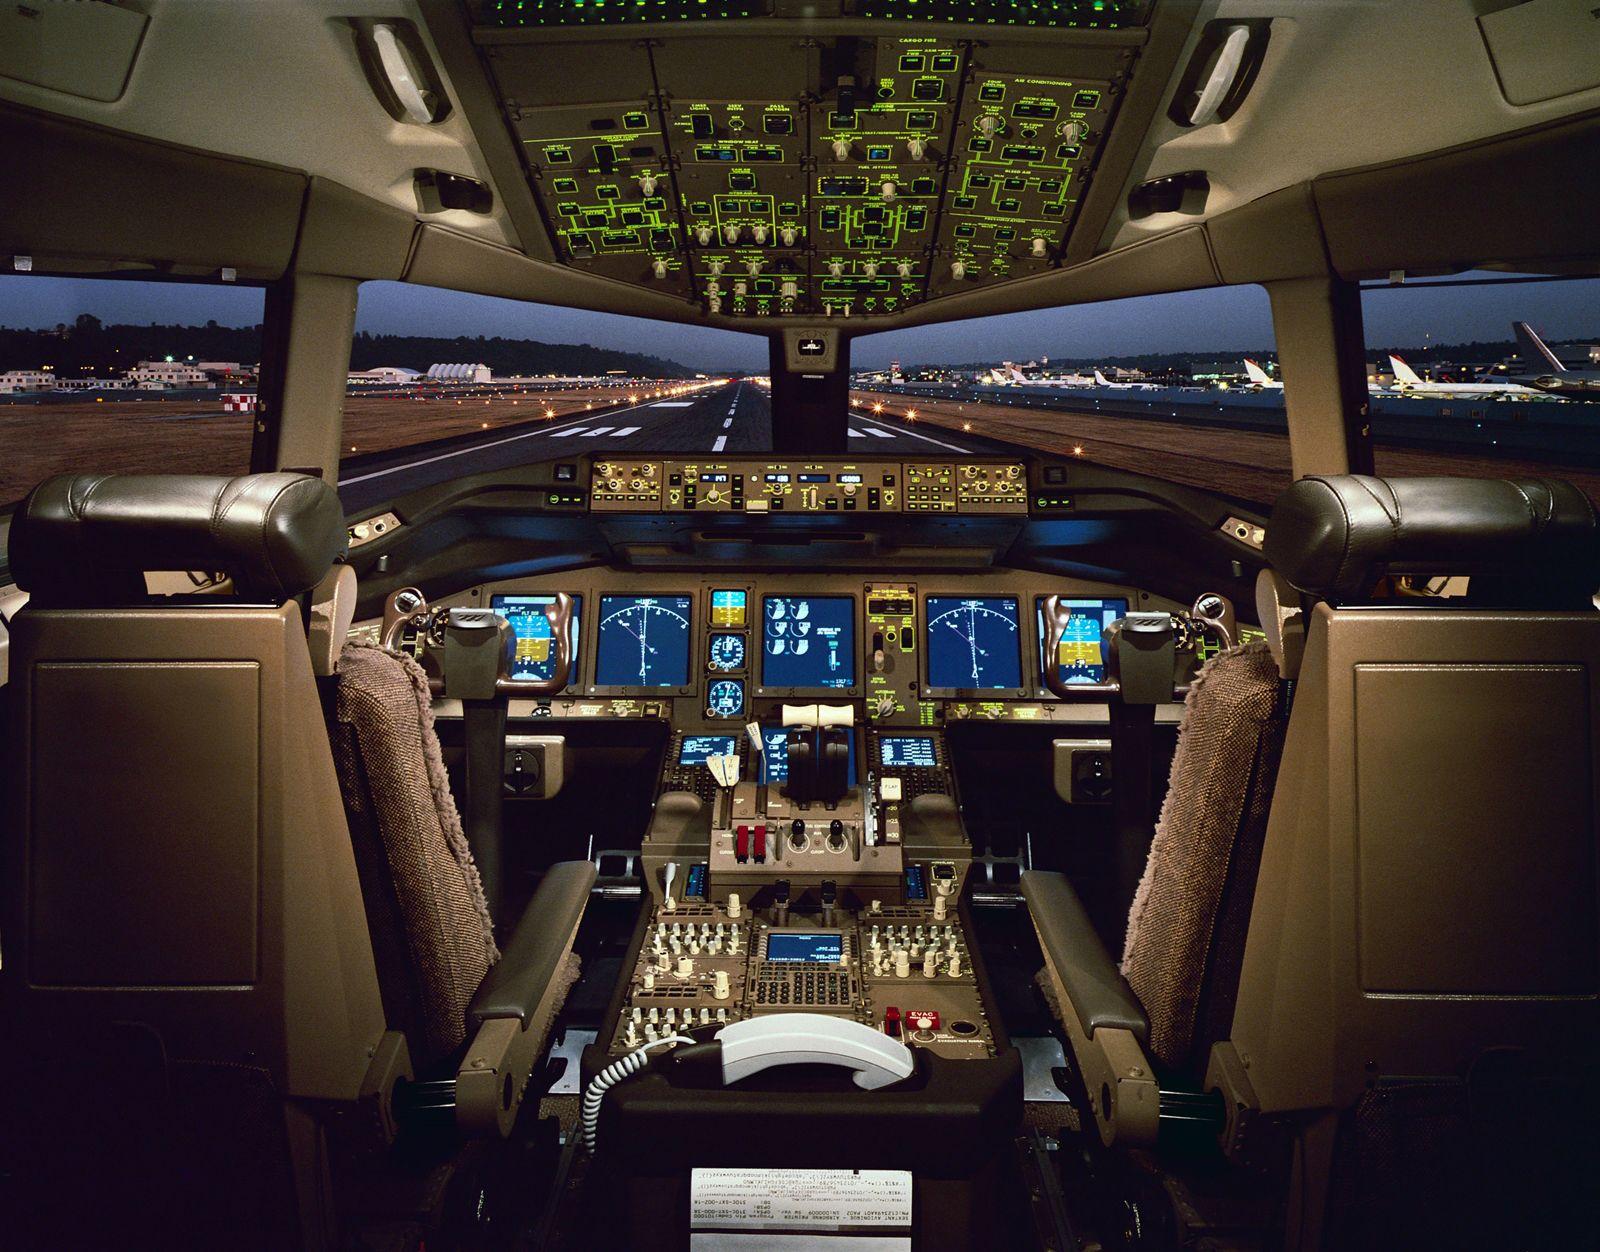 Boeing 777 pilótafülke. A Triplahetes a Boeing Commercial Airplanes első teljes egészében fly-by-wire vezérlésű típusa. (Fotó: Boeing Company) | © AIRportal.hu